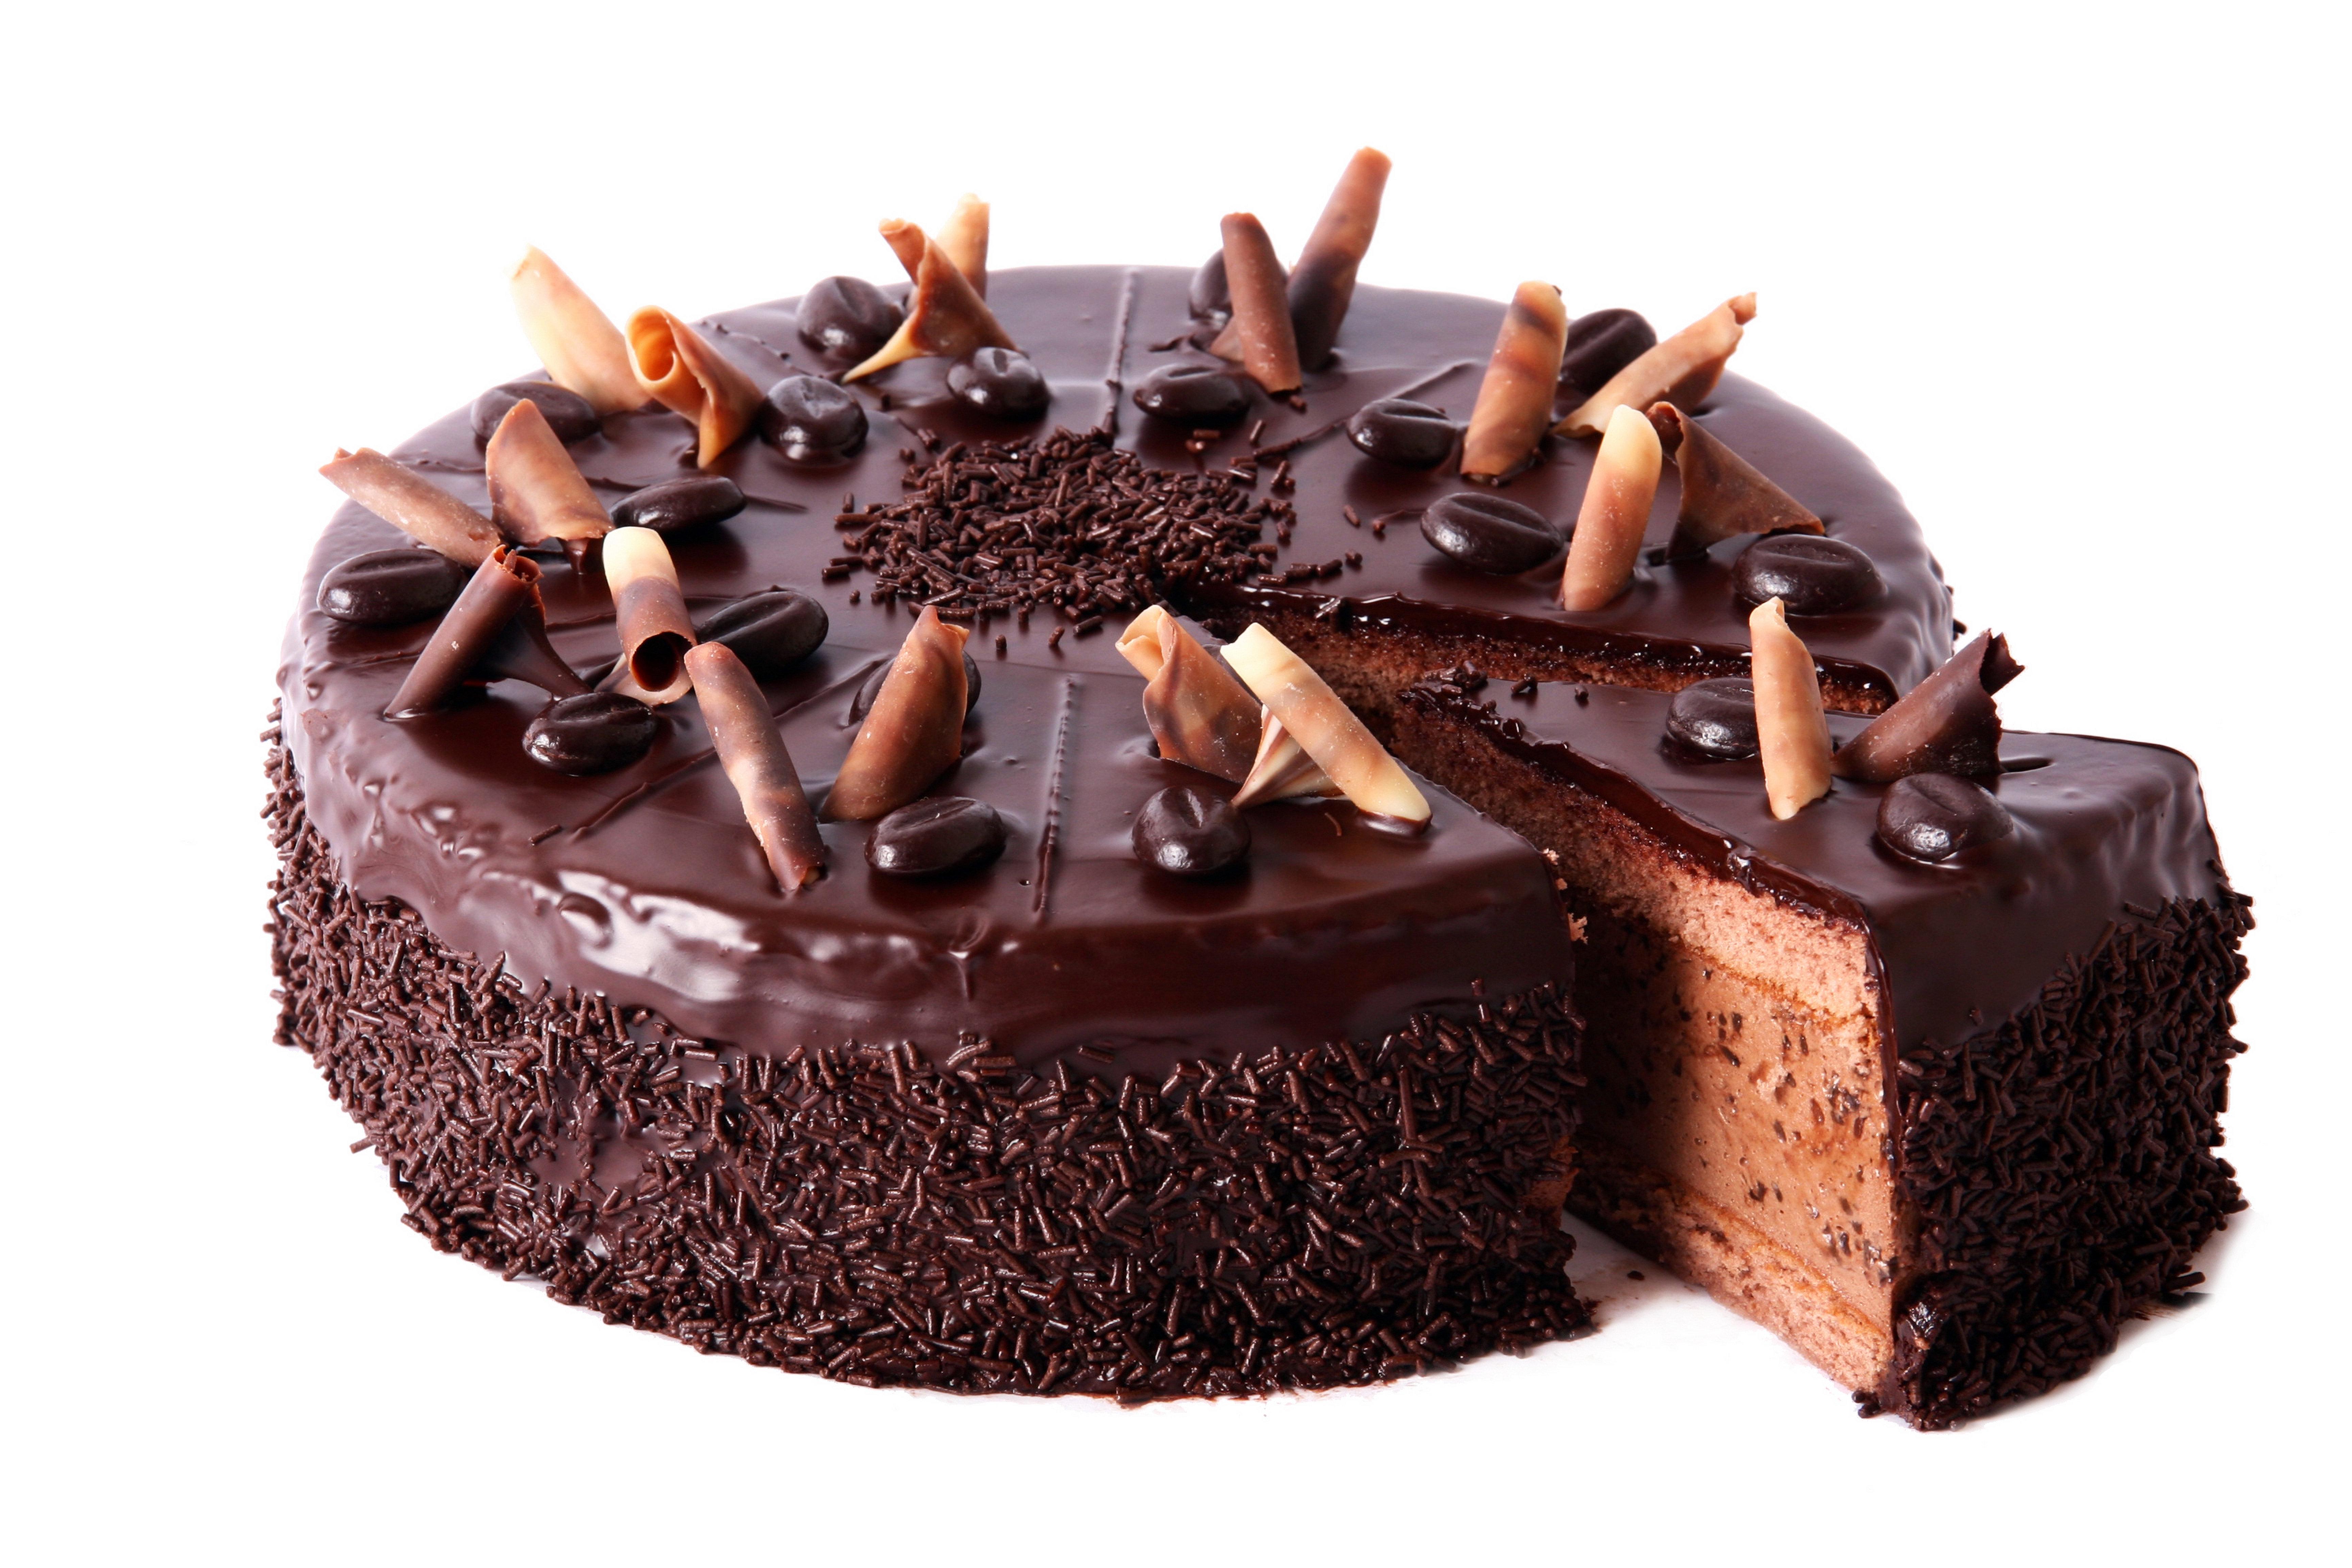 торт с шоколадом скачать